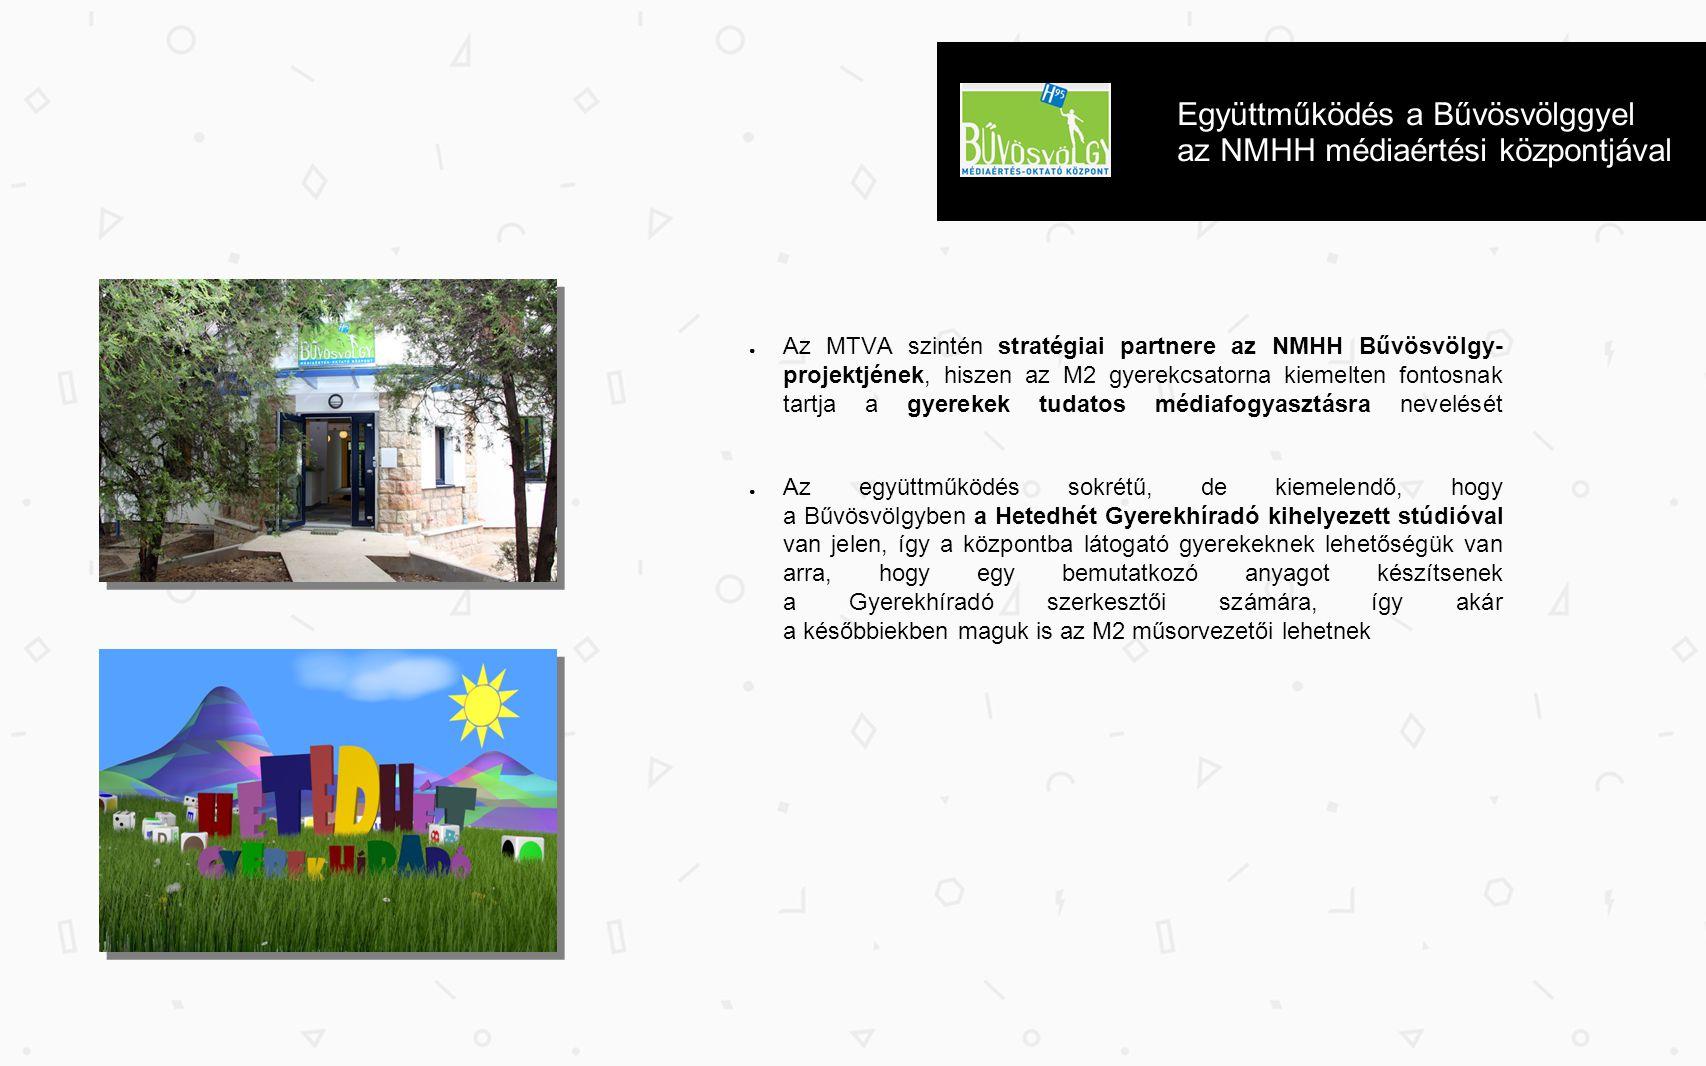 Együttműködés a Bűvösvölggyel az NMHH médiaértési központjával